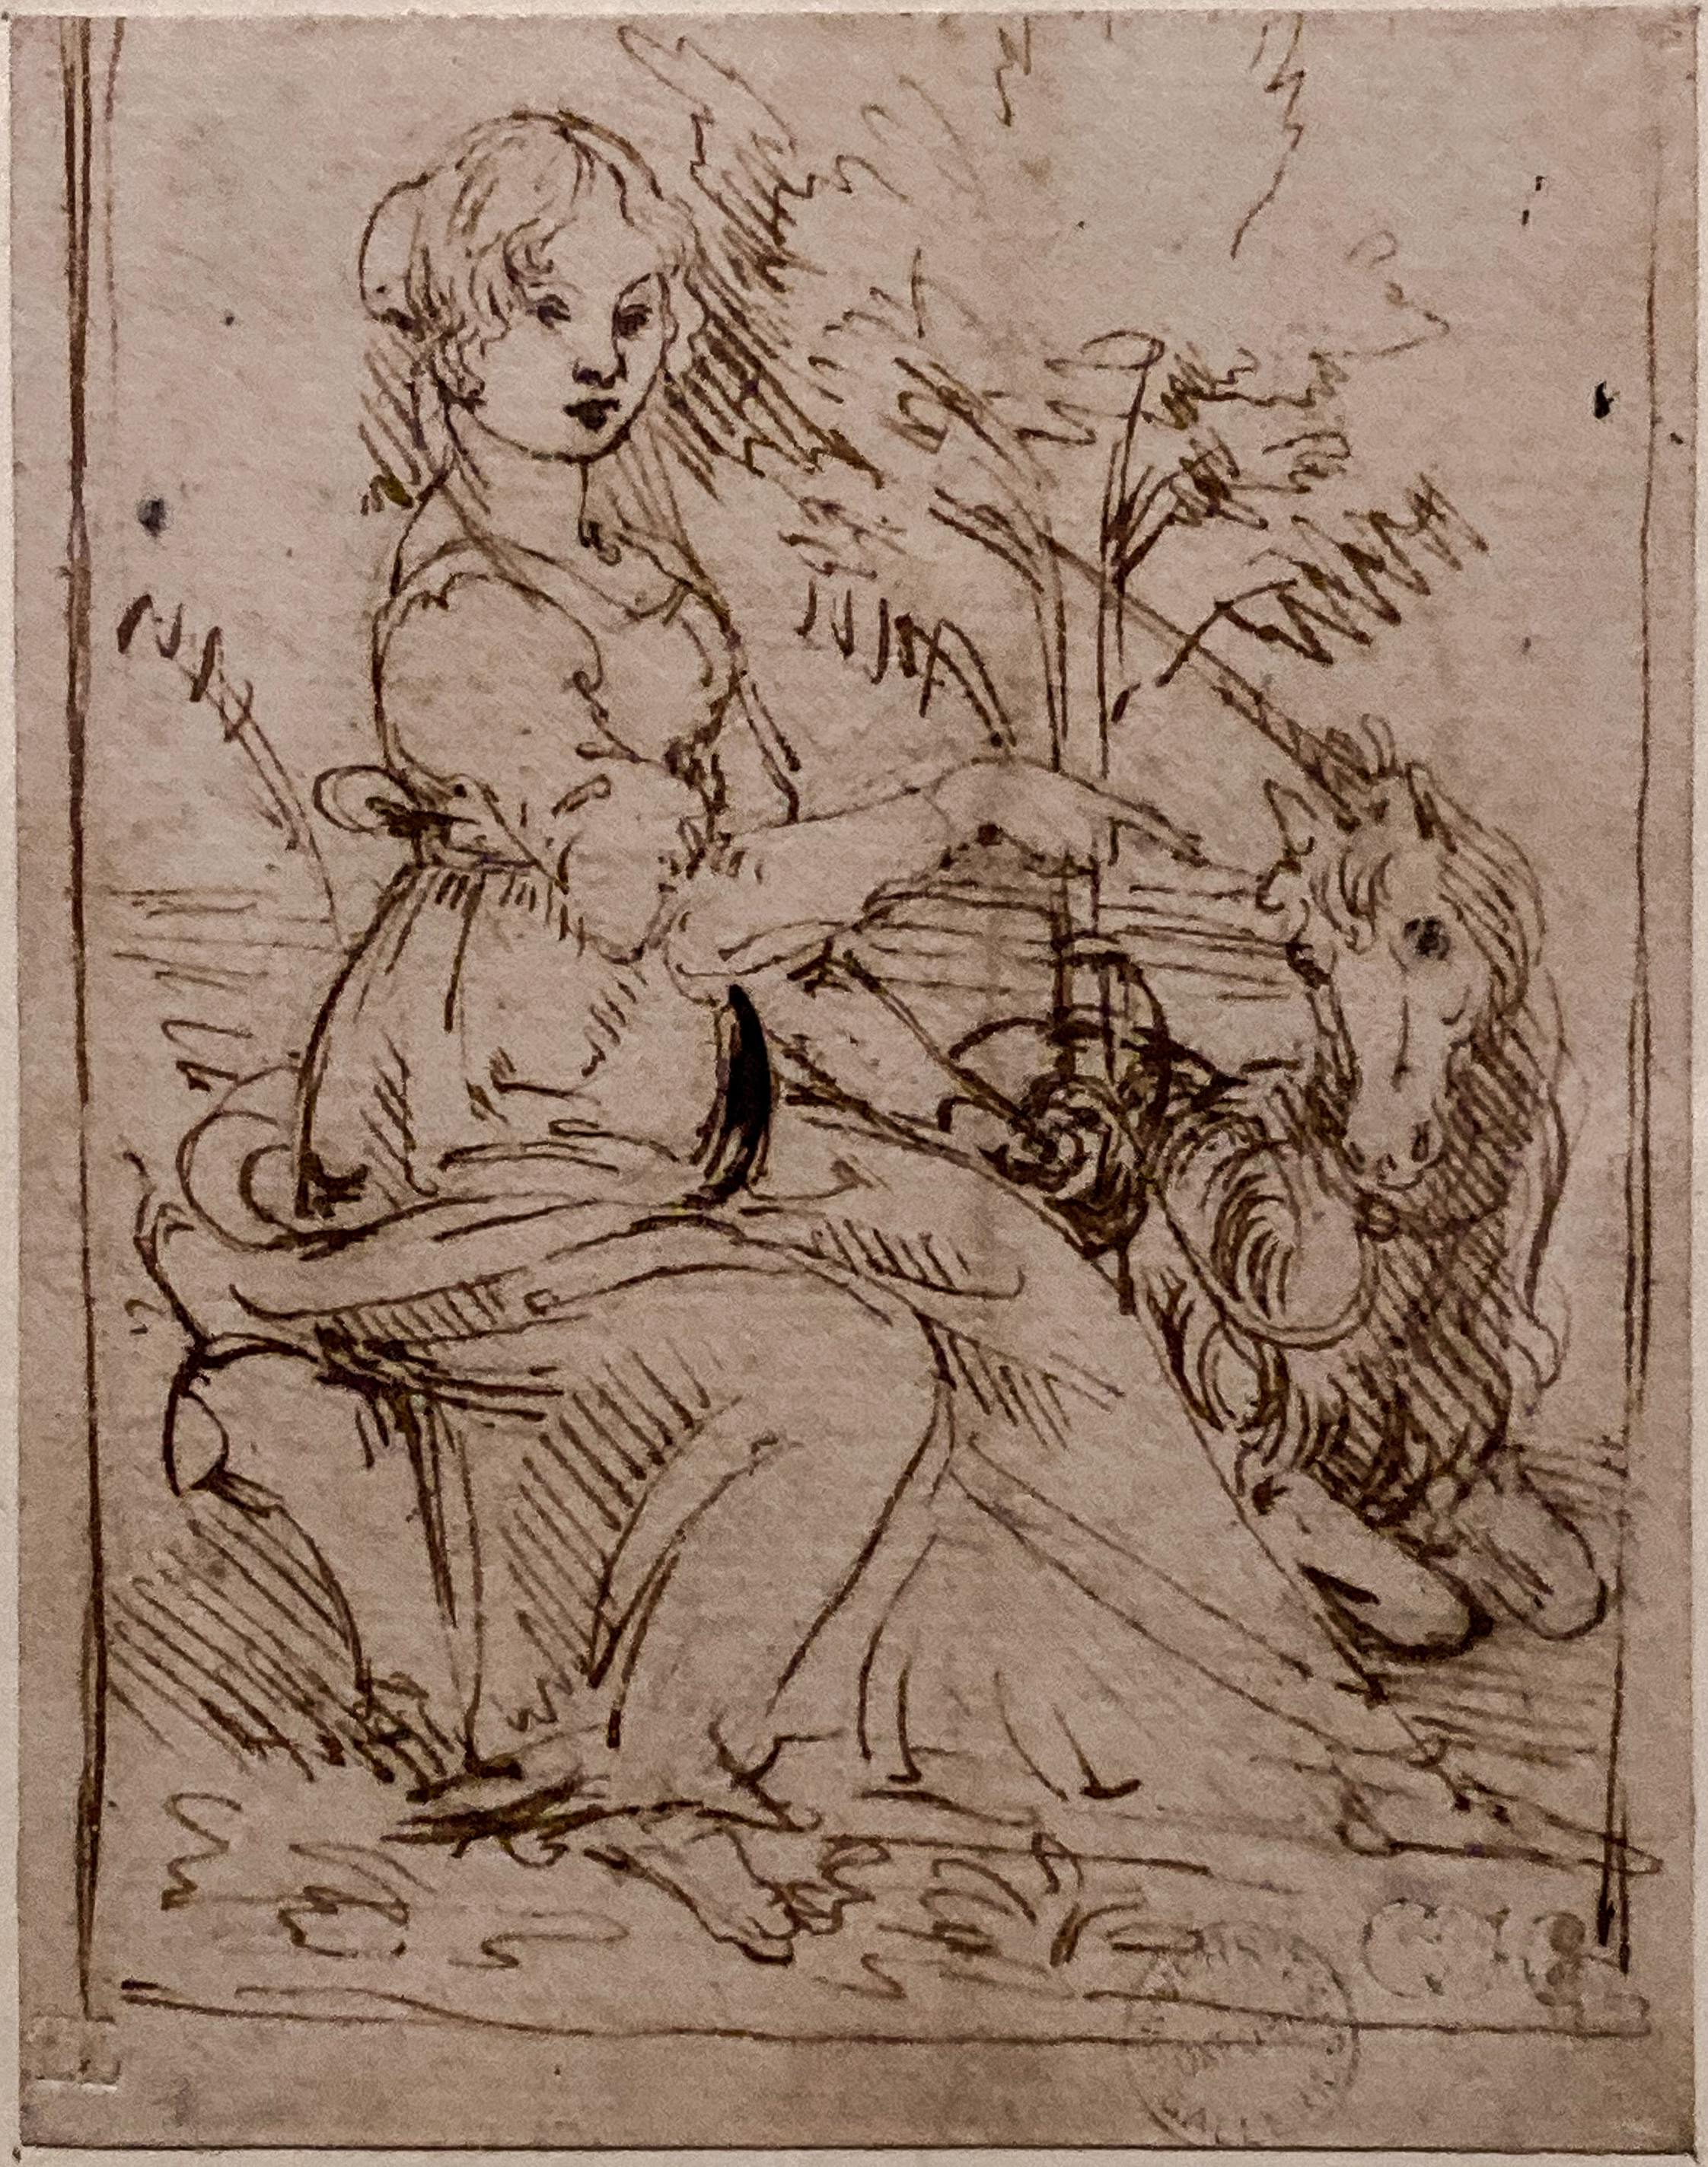 Leonardo da Vinci – Jahrhundertausstellung im Louvre Jungfrau mit Einhorn Oxford